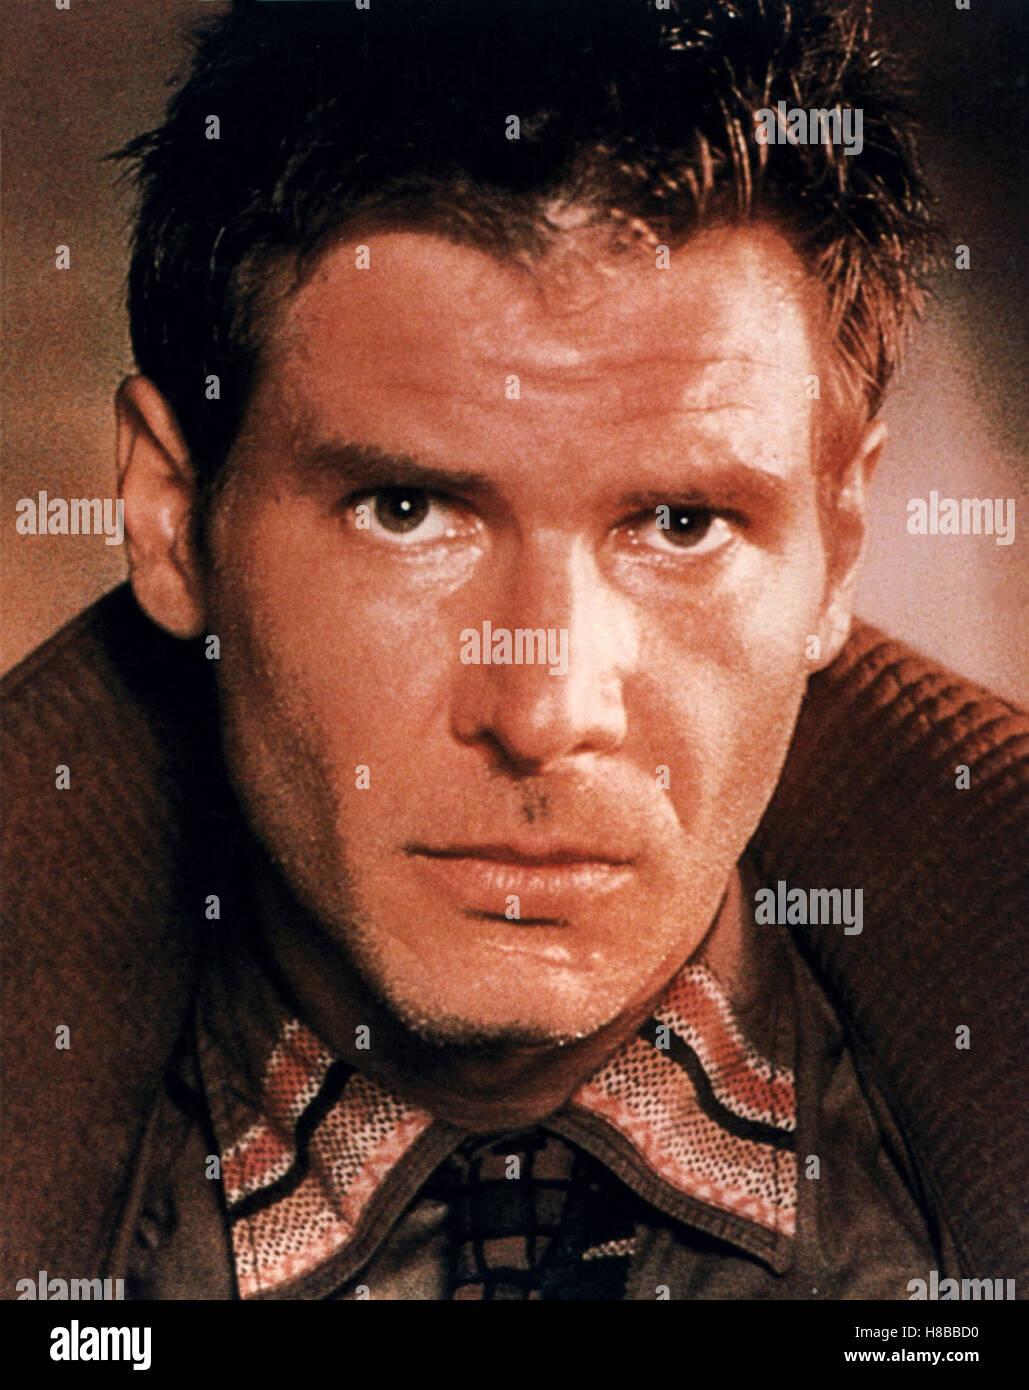 Blade Runner, (BLADE RUNNER) USA 1982, Regie: Ridley Scott, HARRISON FORD - Stock Image